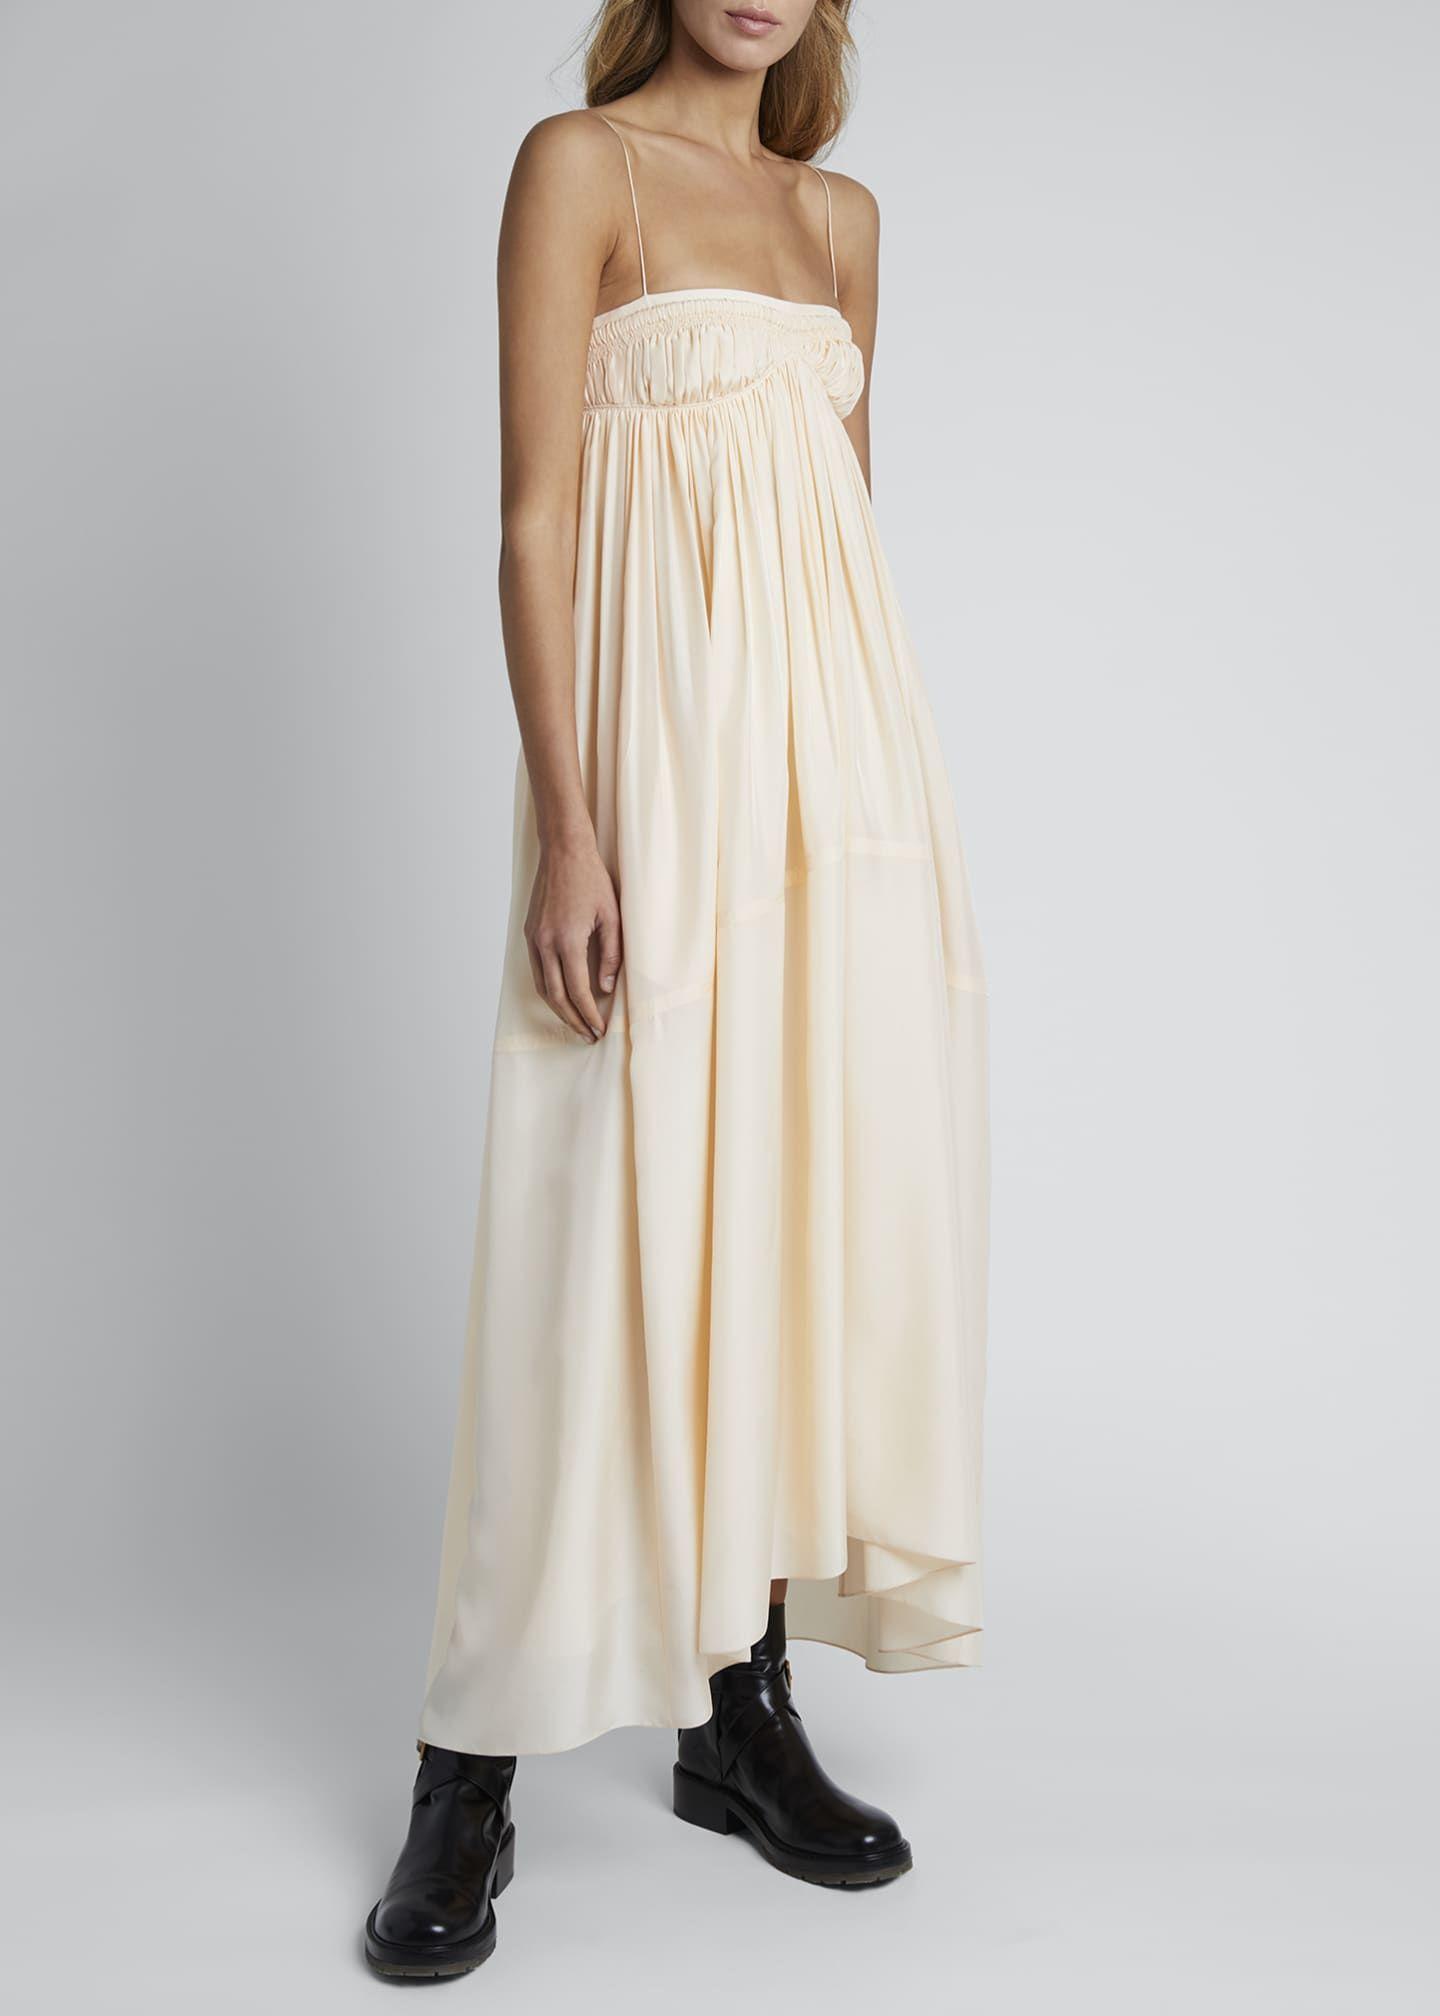 Chloe Silk Spaghetti Strap Square Neck Dress Square Neck Dress Summer Occasion Dress Dresses [ 2016 x 1440 Pixel ]